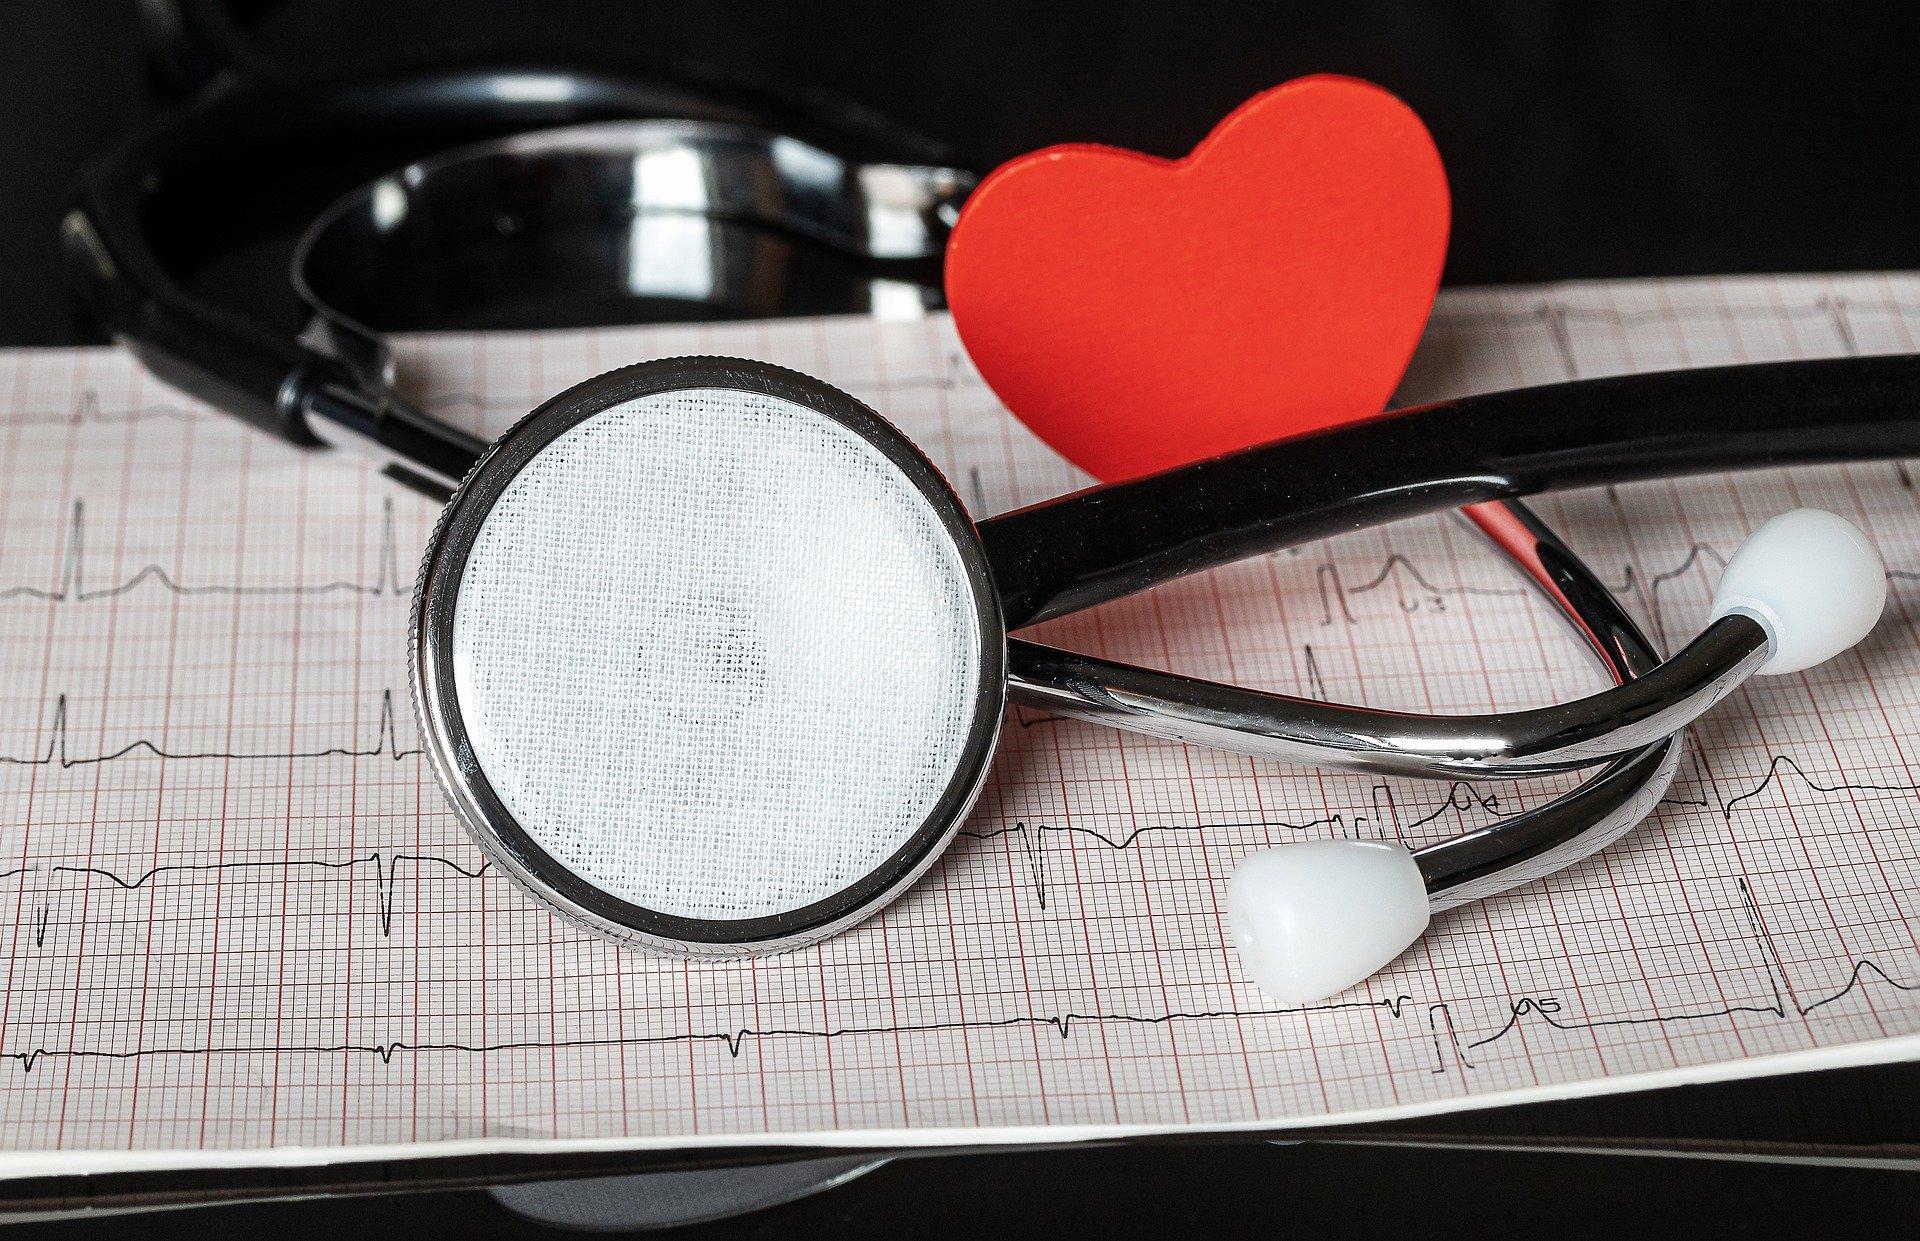 Ein Stethoskop mit EKG und kleinen roten Herzen. Verliebt auf der Station.